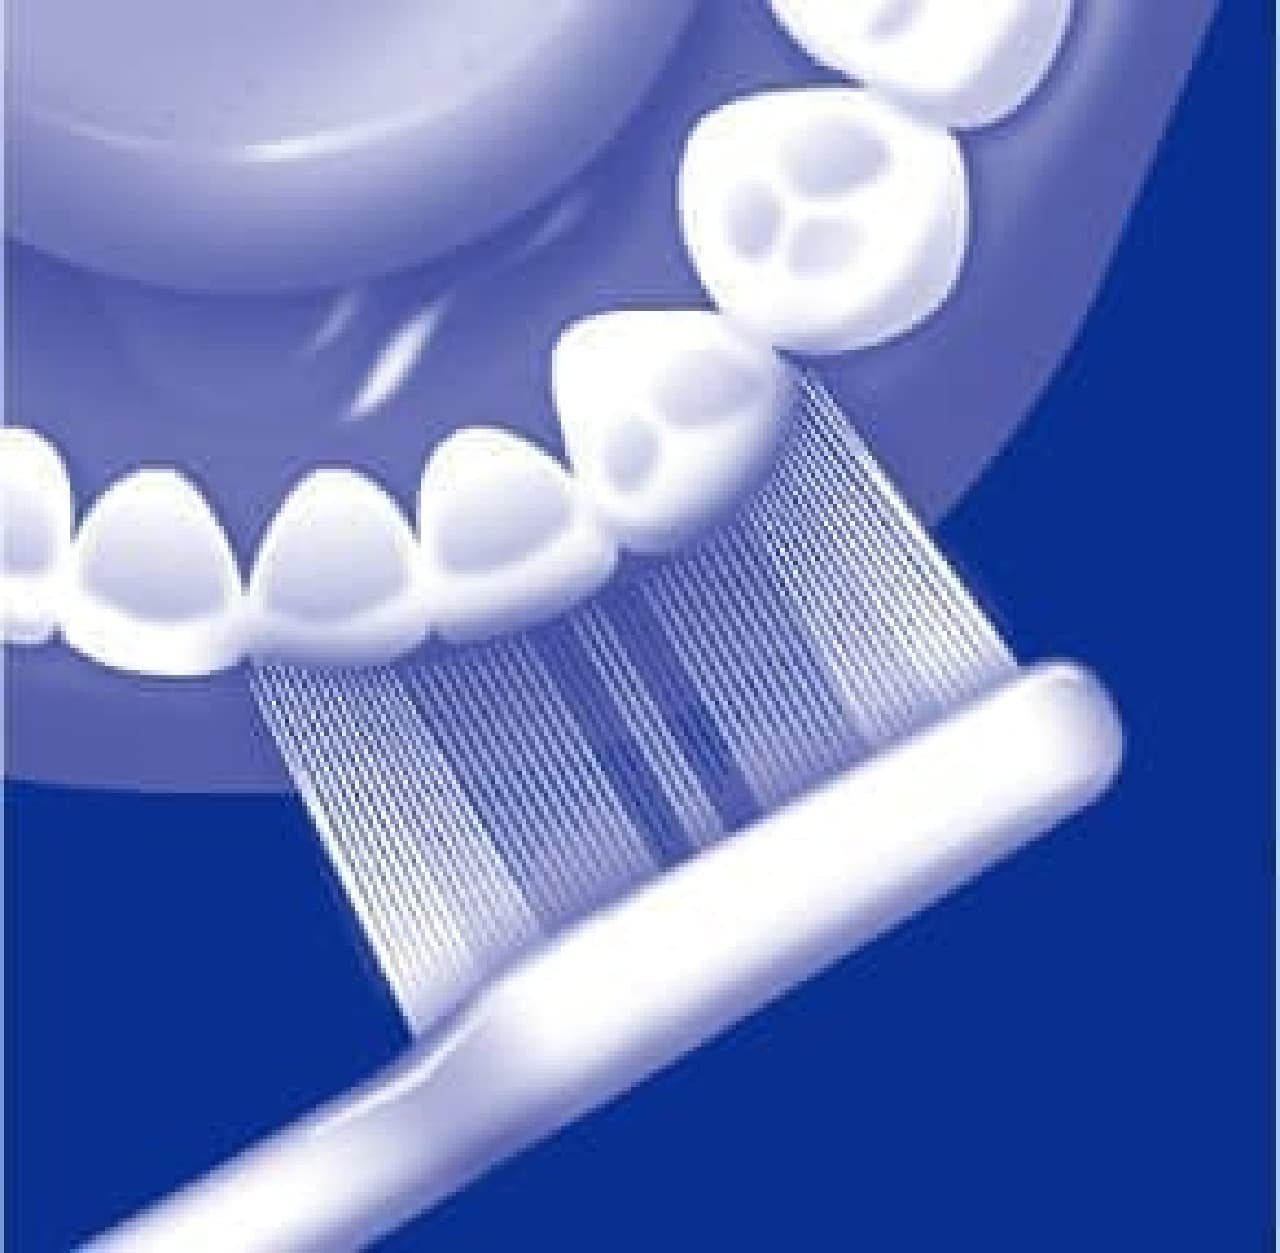 歯列へのフィット感を高めたアーチ形状